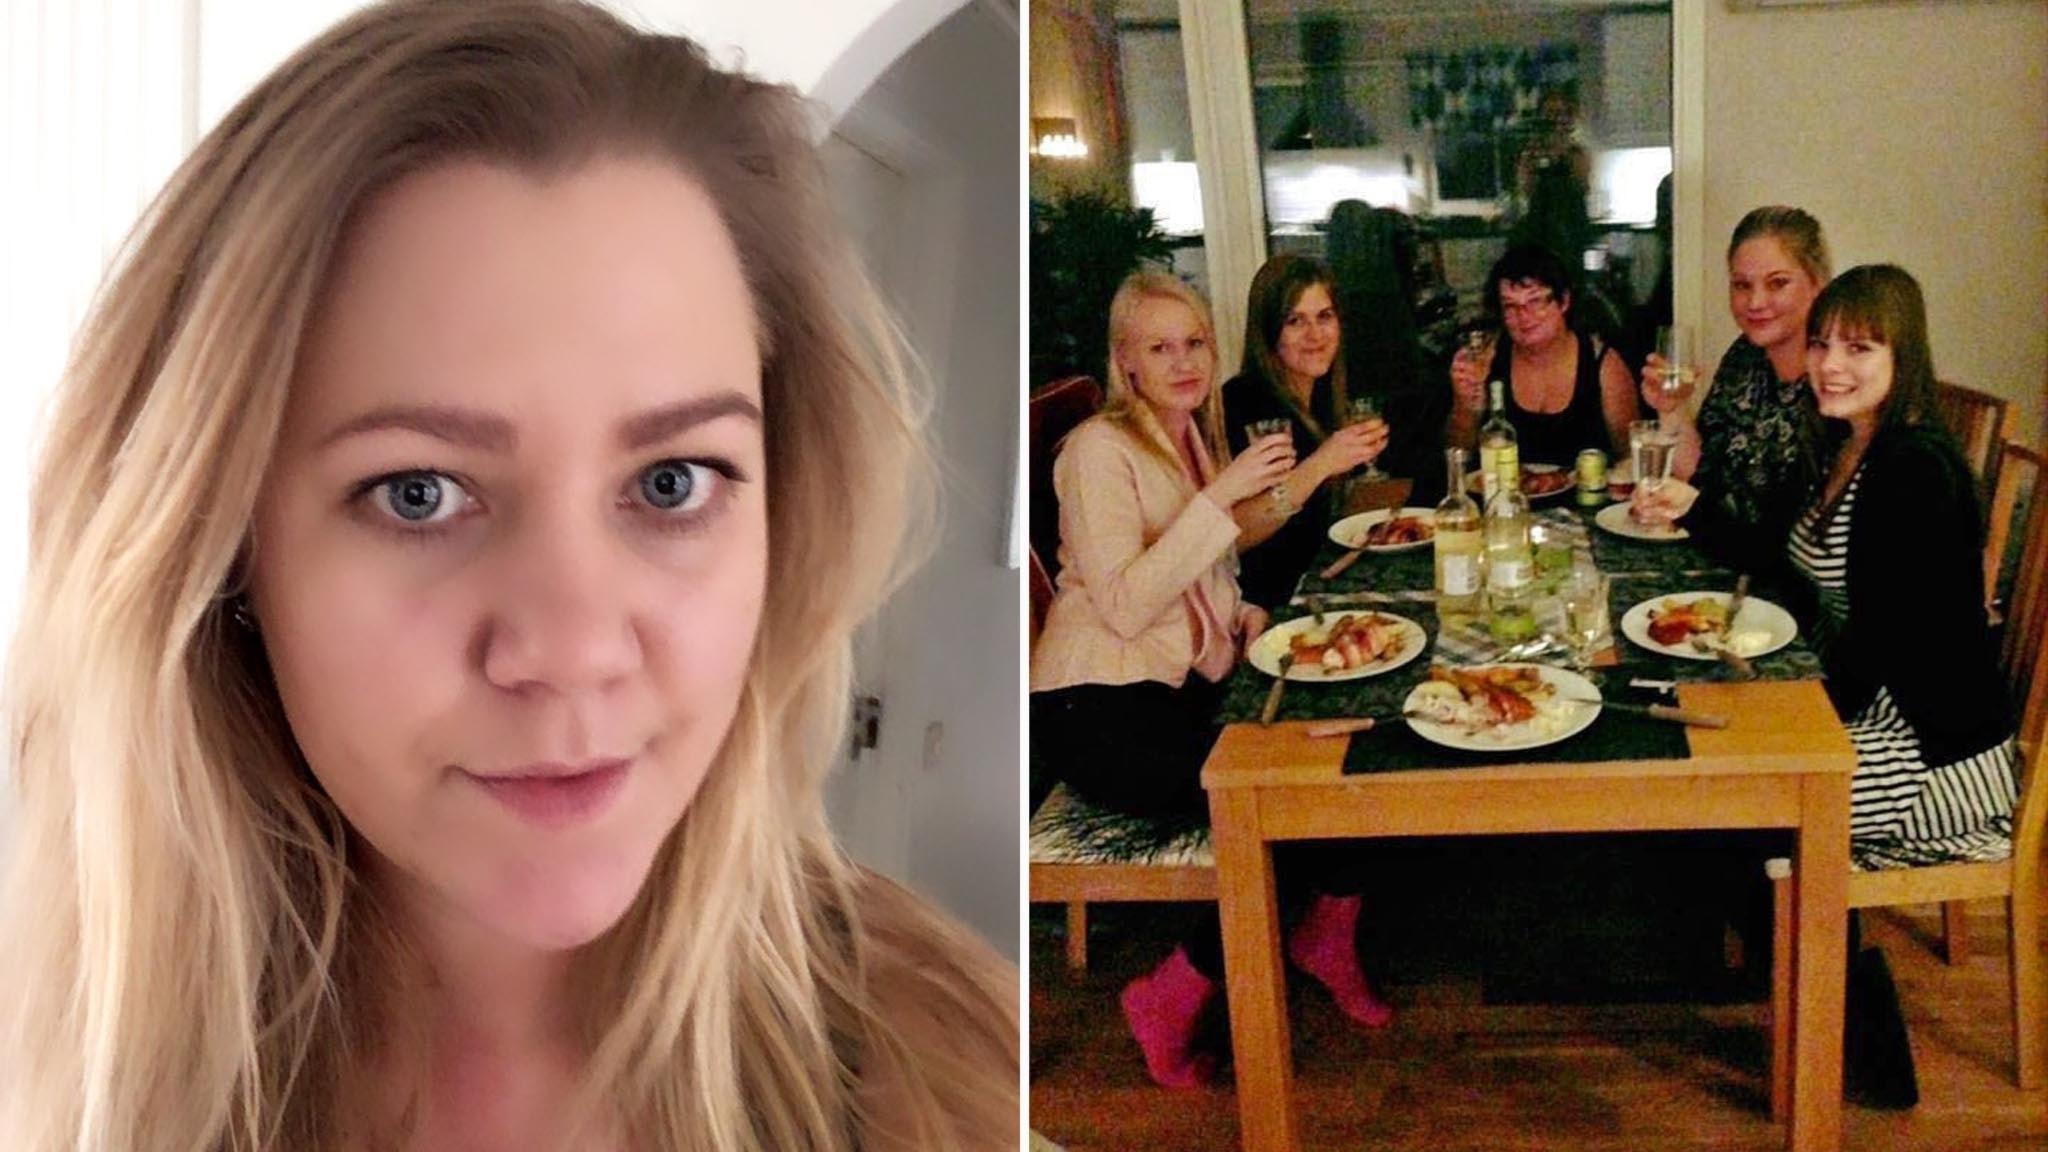 Chatta och dejta online i Laholm | Trffa kvinnor och mn i